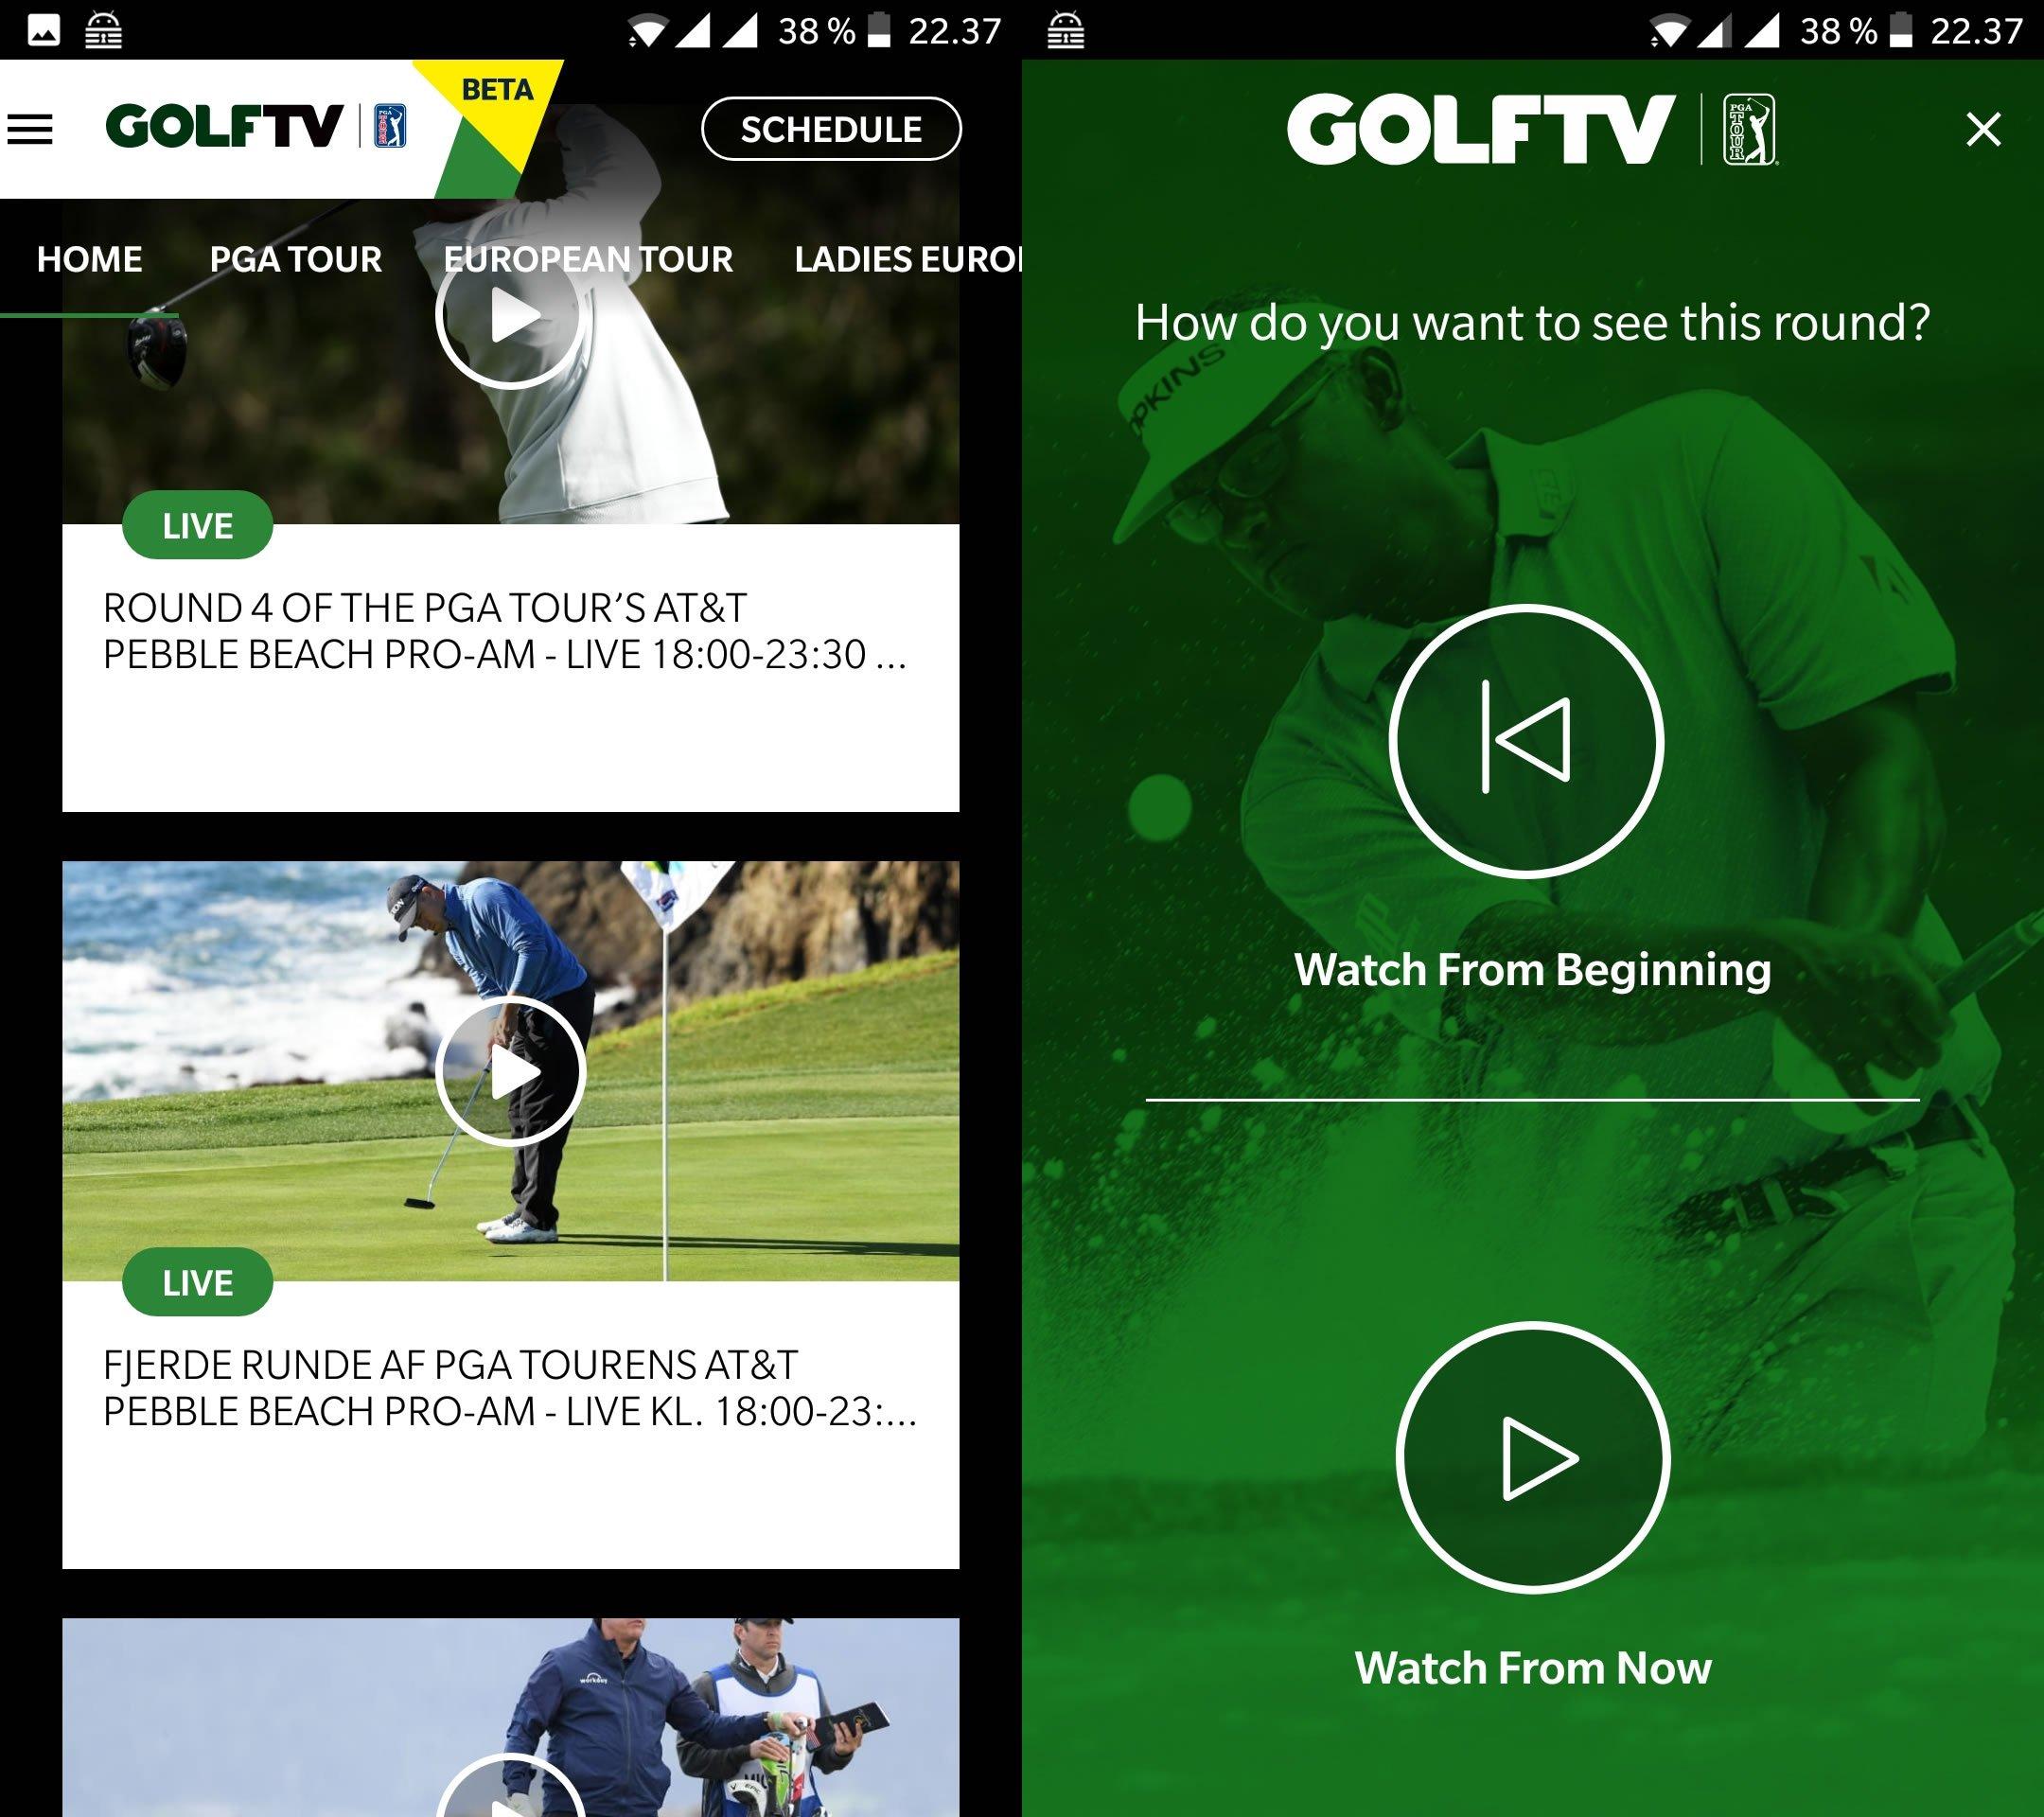 golftv app